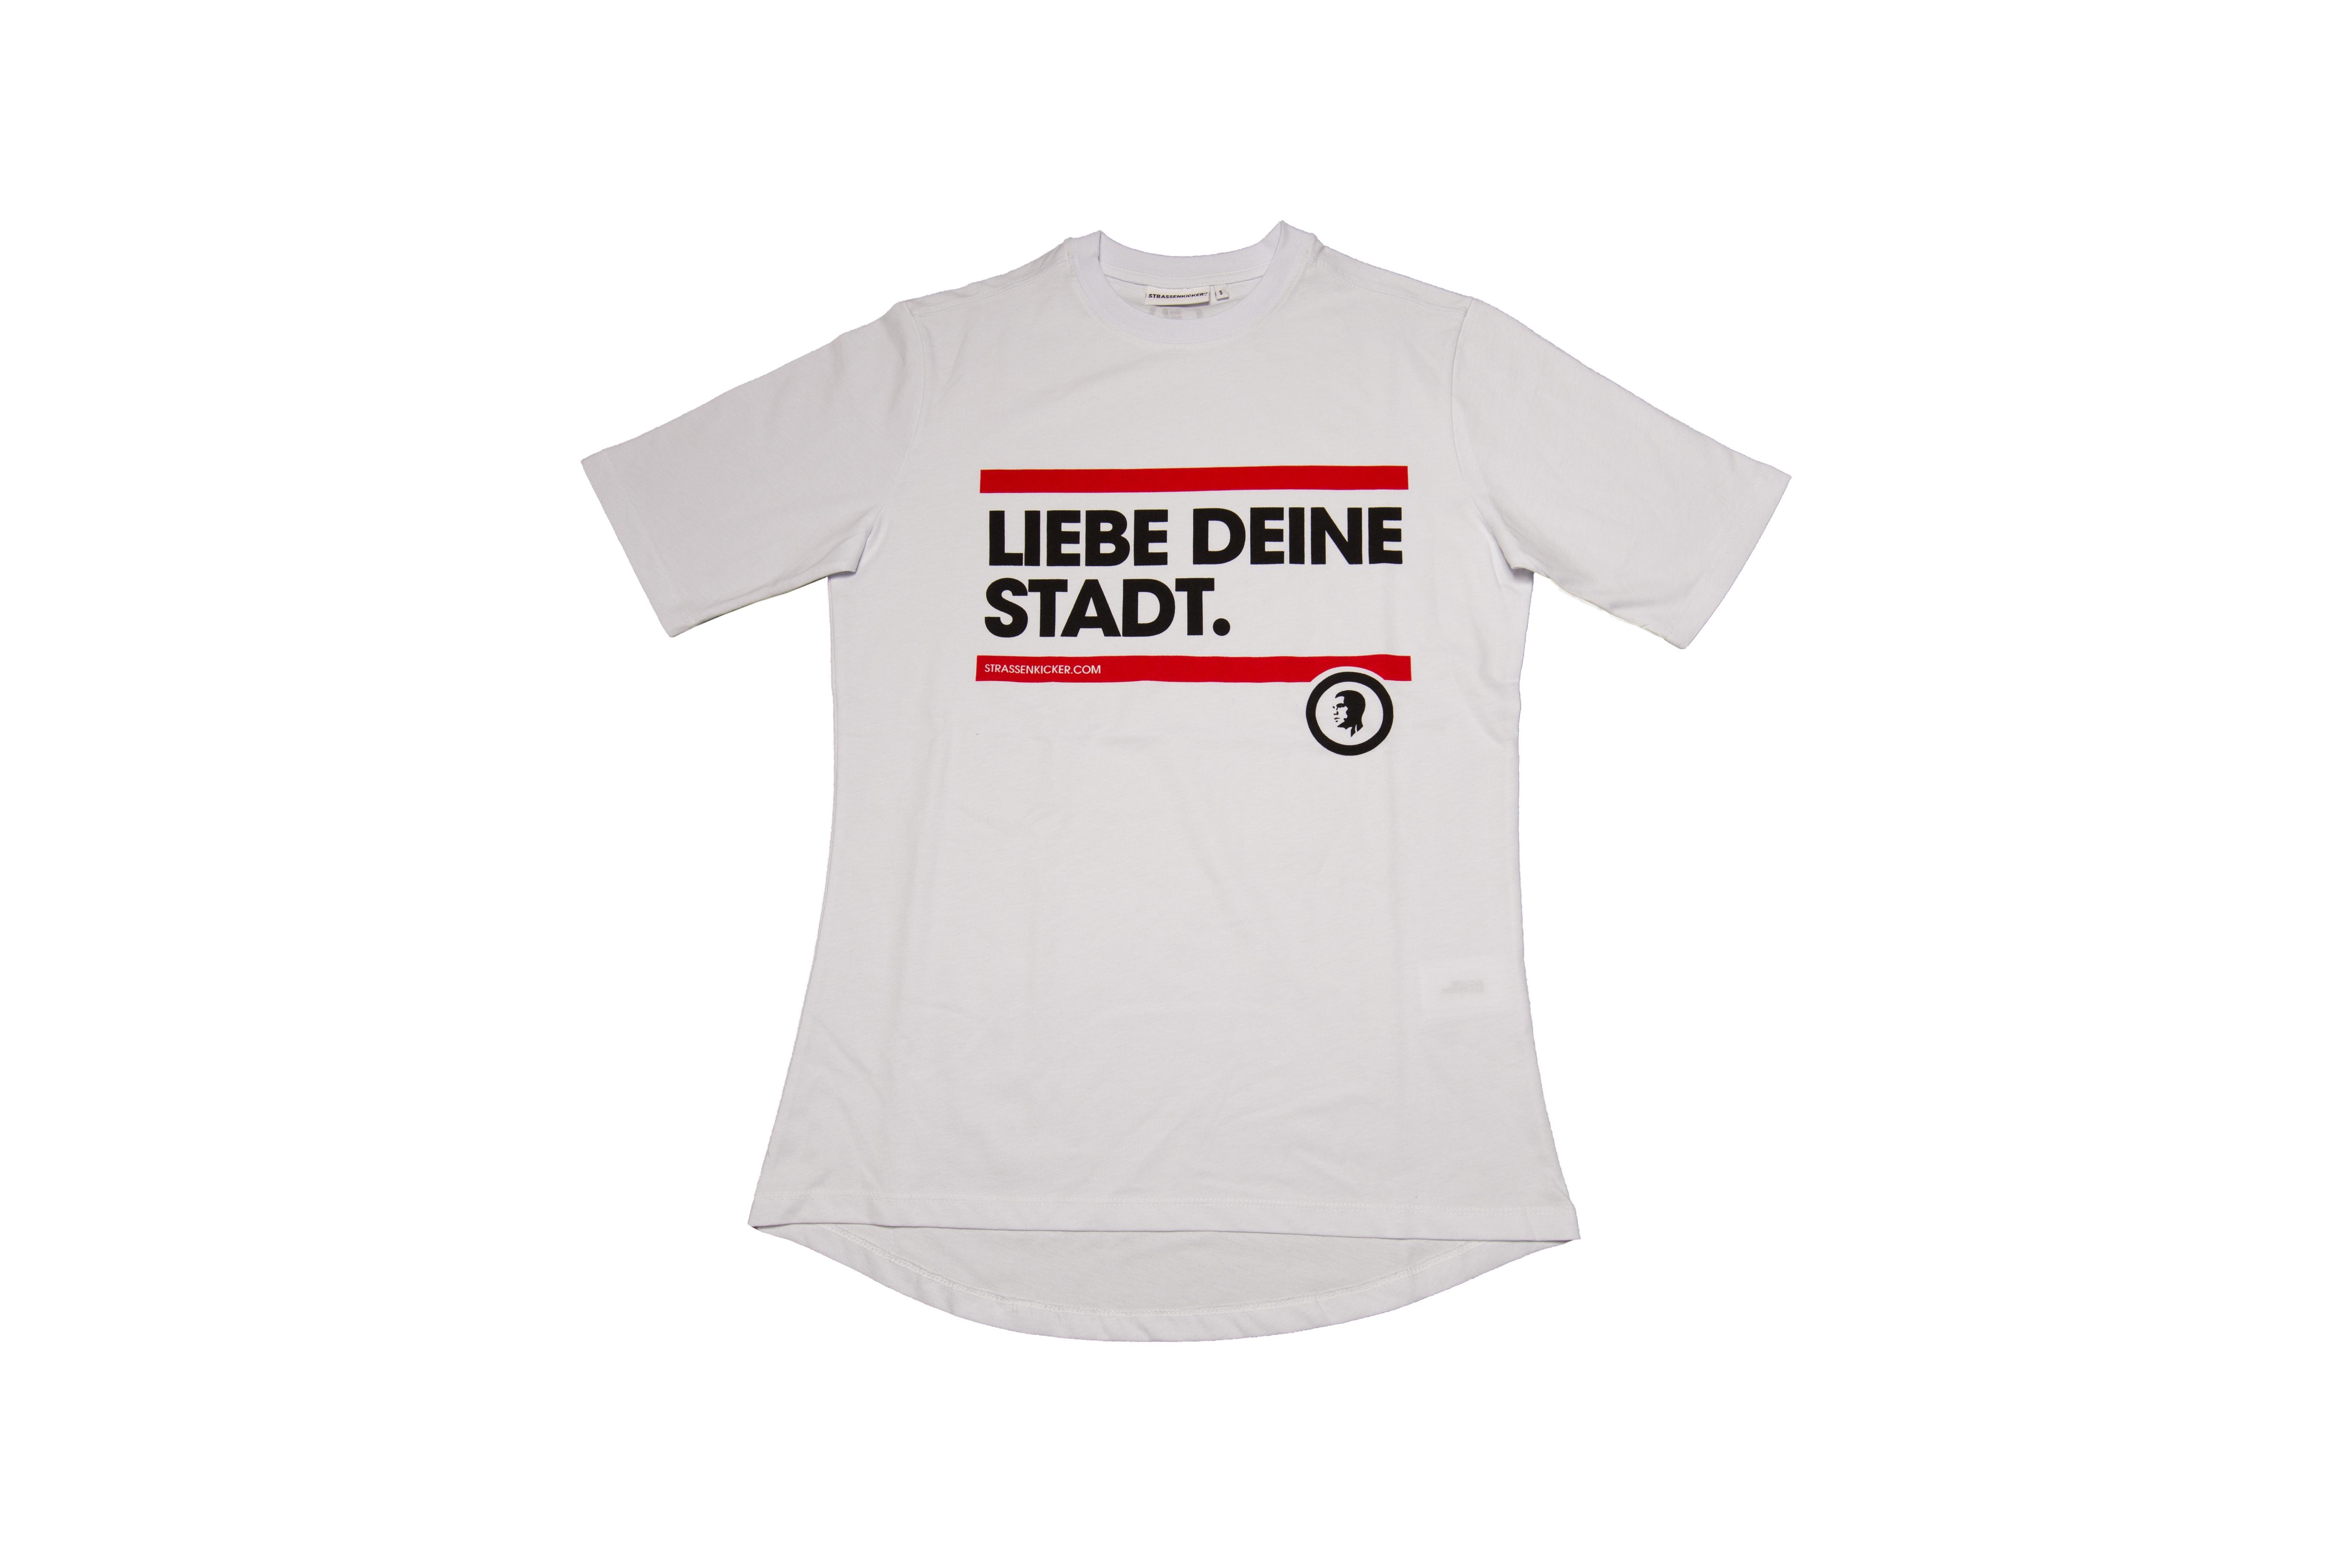 tshirt_liebedeinestadt_weiß_vorne